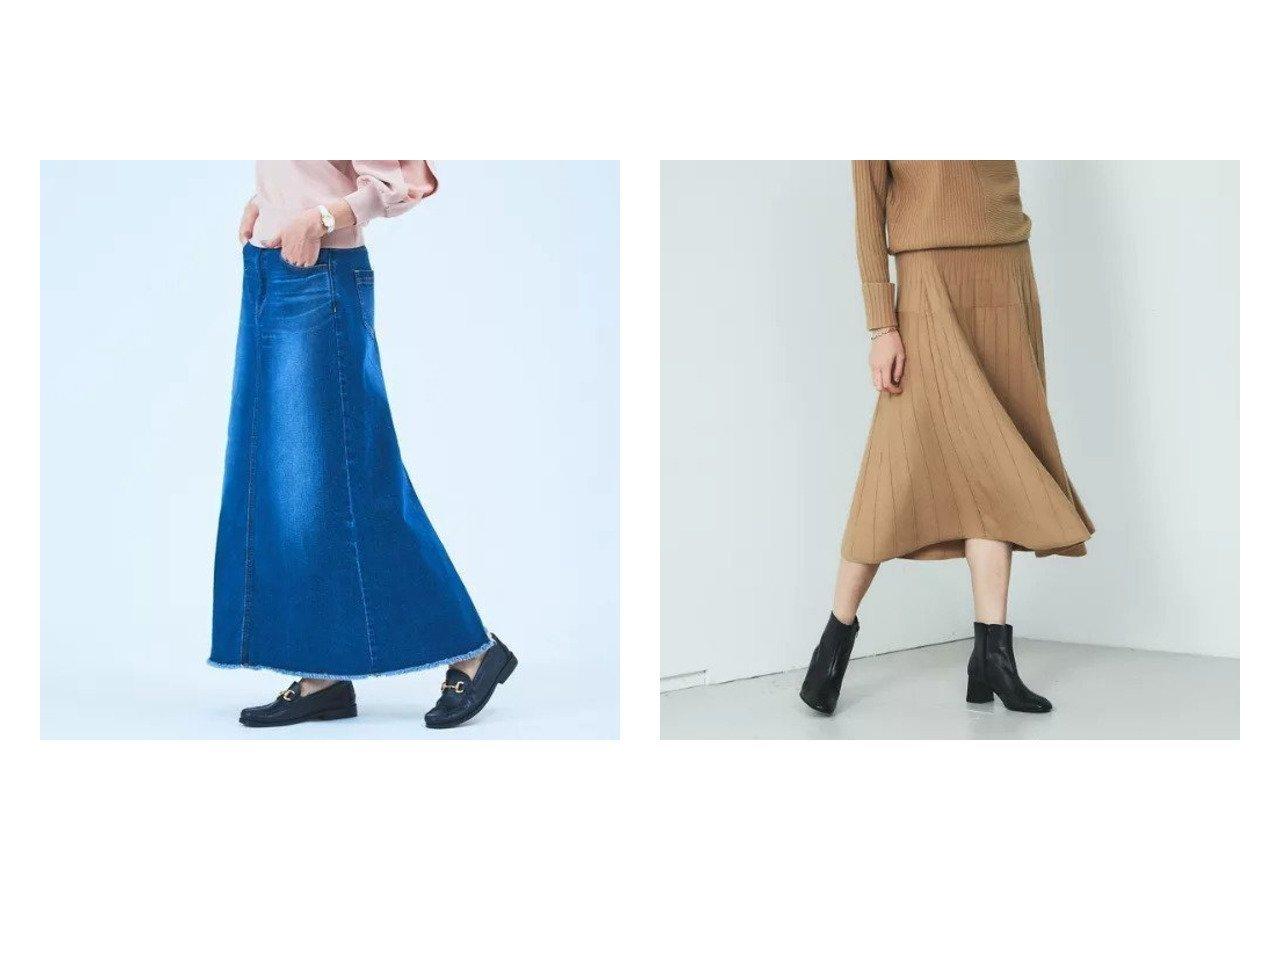 【Rouge vif/ルージュ ヴィフ】の【BRAHMIN】セットアップ対応 ランダムリブニットスカート&【Mylanka】デニムロングスカート ルージュ ヴィフのおすすめ!人気、トレンド・レディースファッションの通販  おすすめで人気の流行・トレンド、ファッションの通販商品 メンズファッション・キッズファッション・インテリア・家具・レディースファッション・服の通販 founy(ファニー) https://founy.com/ ファッション Fashion レディースファッション WOMEN セットアップ Setup スカート Skirt スカート Skirt ロングスカート Long Skirt ショート シンプル セットアップ フェミニン フレア ランダム インディゴ マキシ ロング 定番 Standard |ID:crp329100000020967